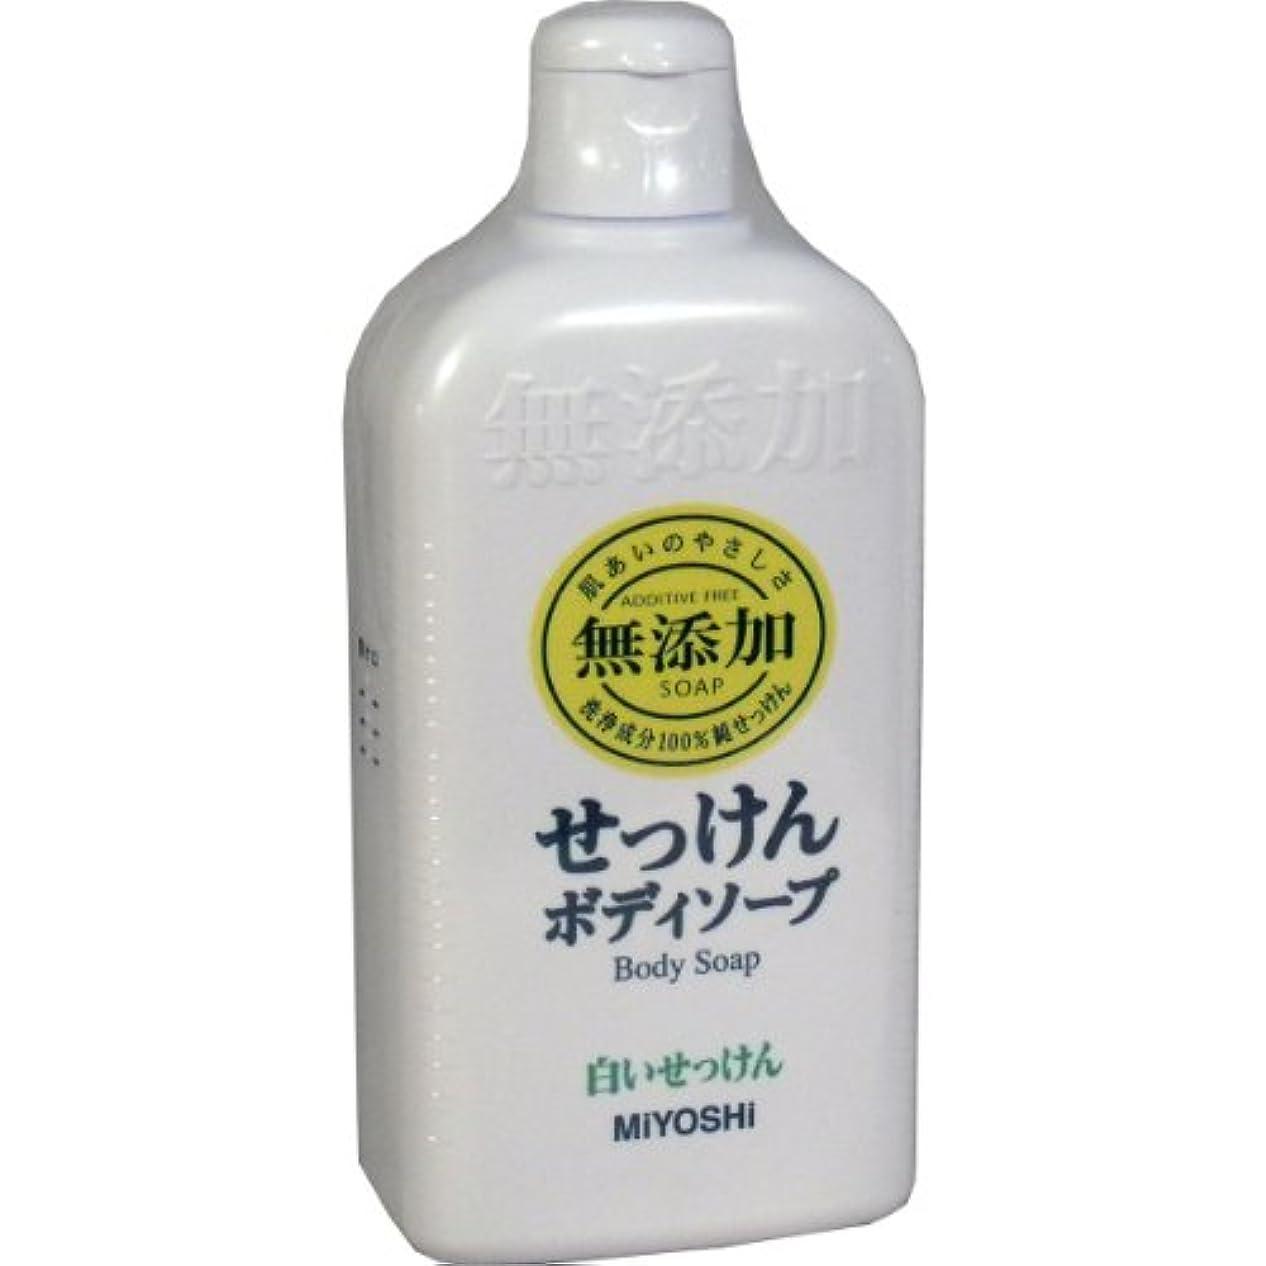 風邪をひくプラカード鹿無添加 ボディソープ 白い石けん レギュラー 400ml(無添加石鹸) 7セット